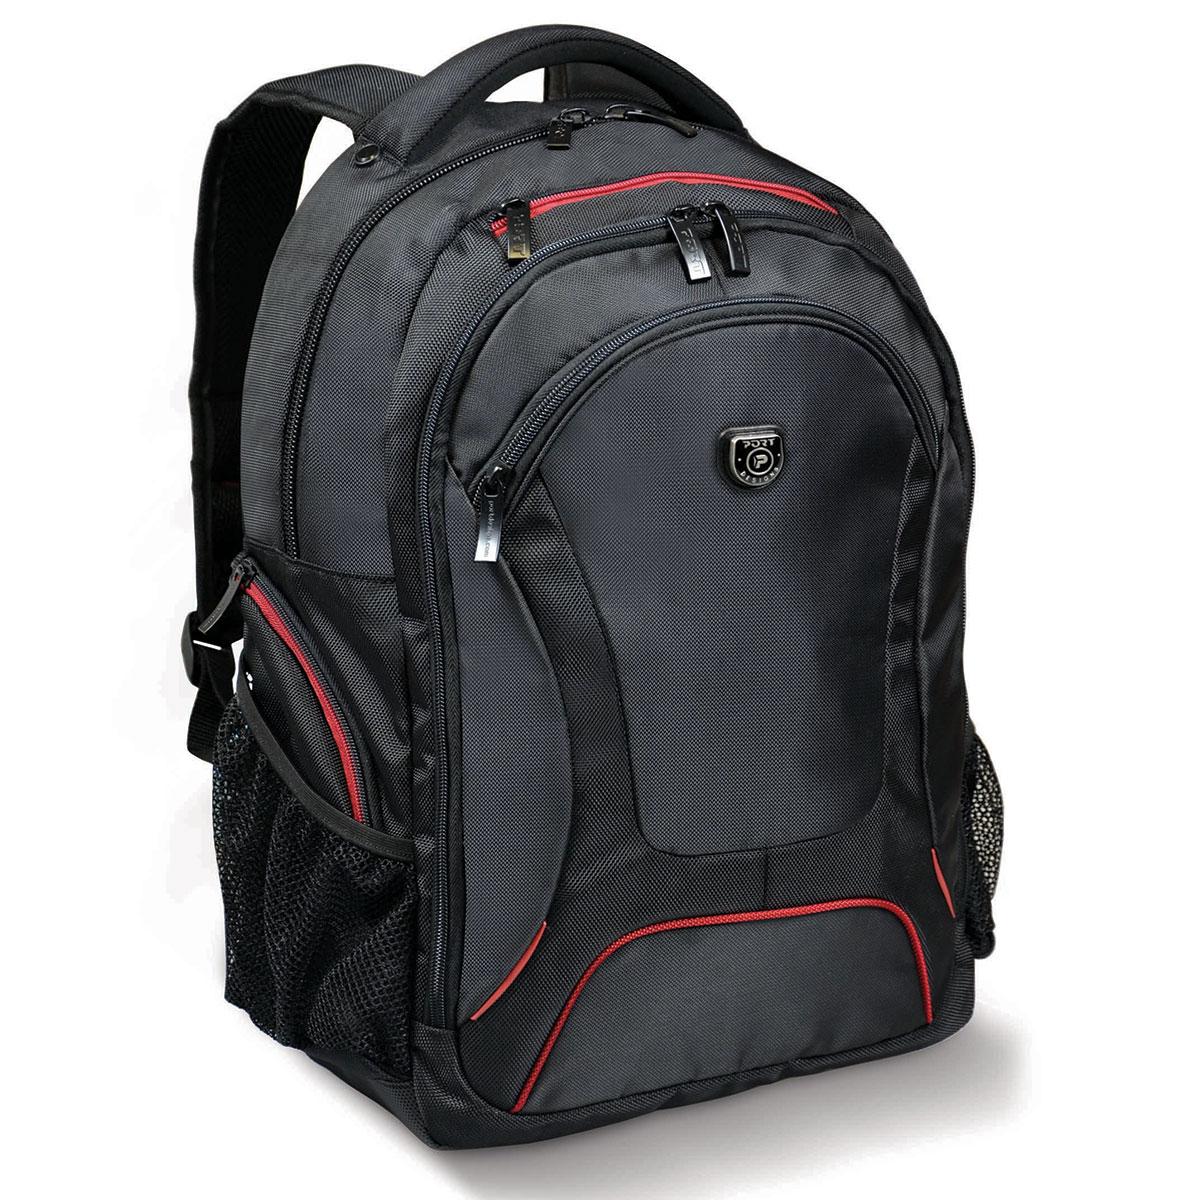 Sac, sacoche, housse PORT Designs Courchevel 14/15 Sac à dos pour ordinateur portable (jusqu'à 15.6'') et tablette (jusqu'à 10.1'')